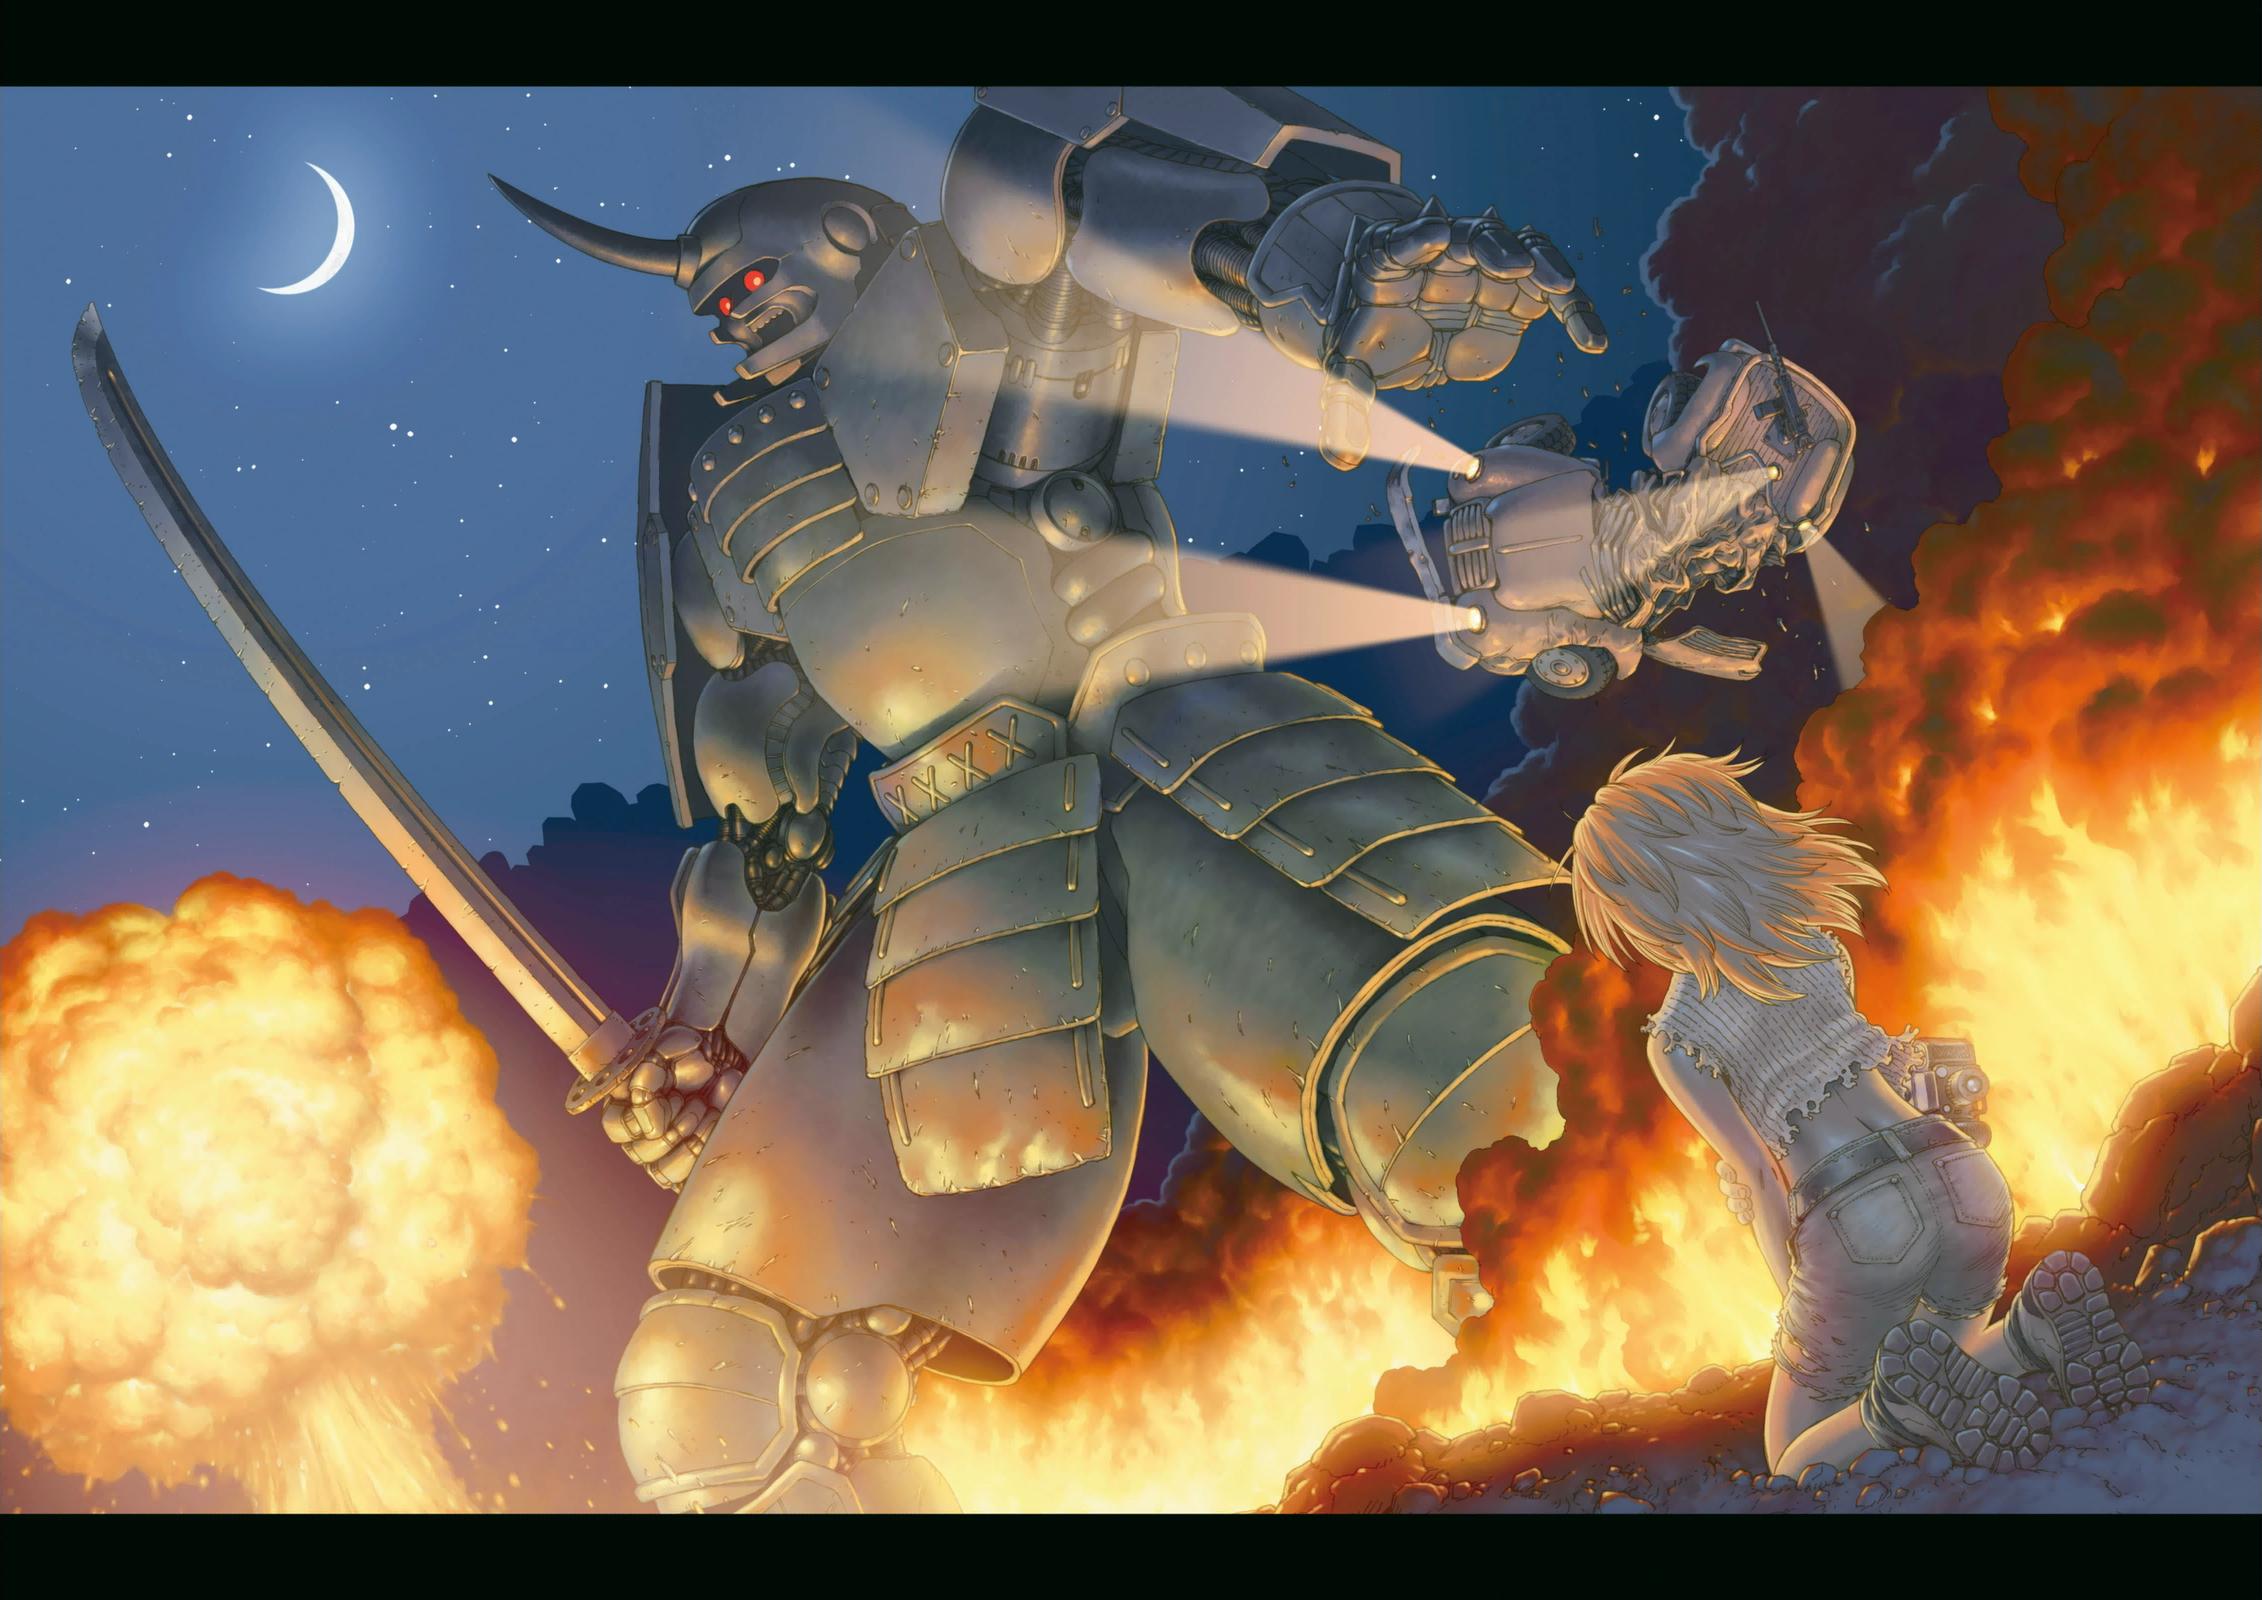 Il fuoco e l'acciaio sono due elementi chiave, nell'immaginario di  Alita .